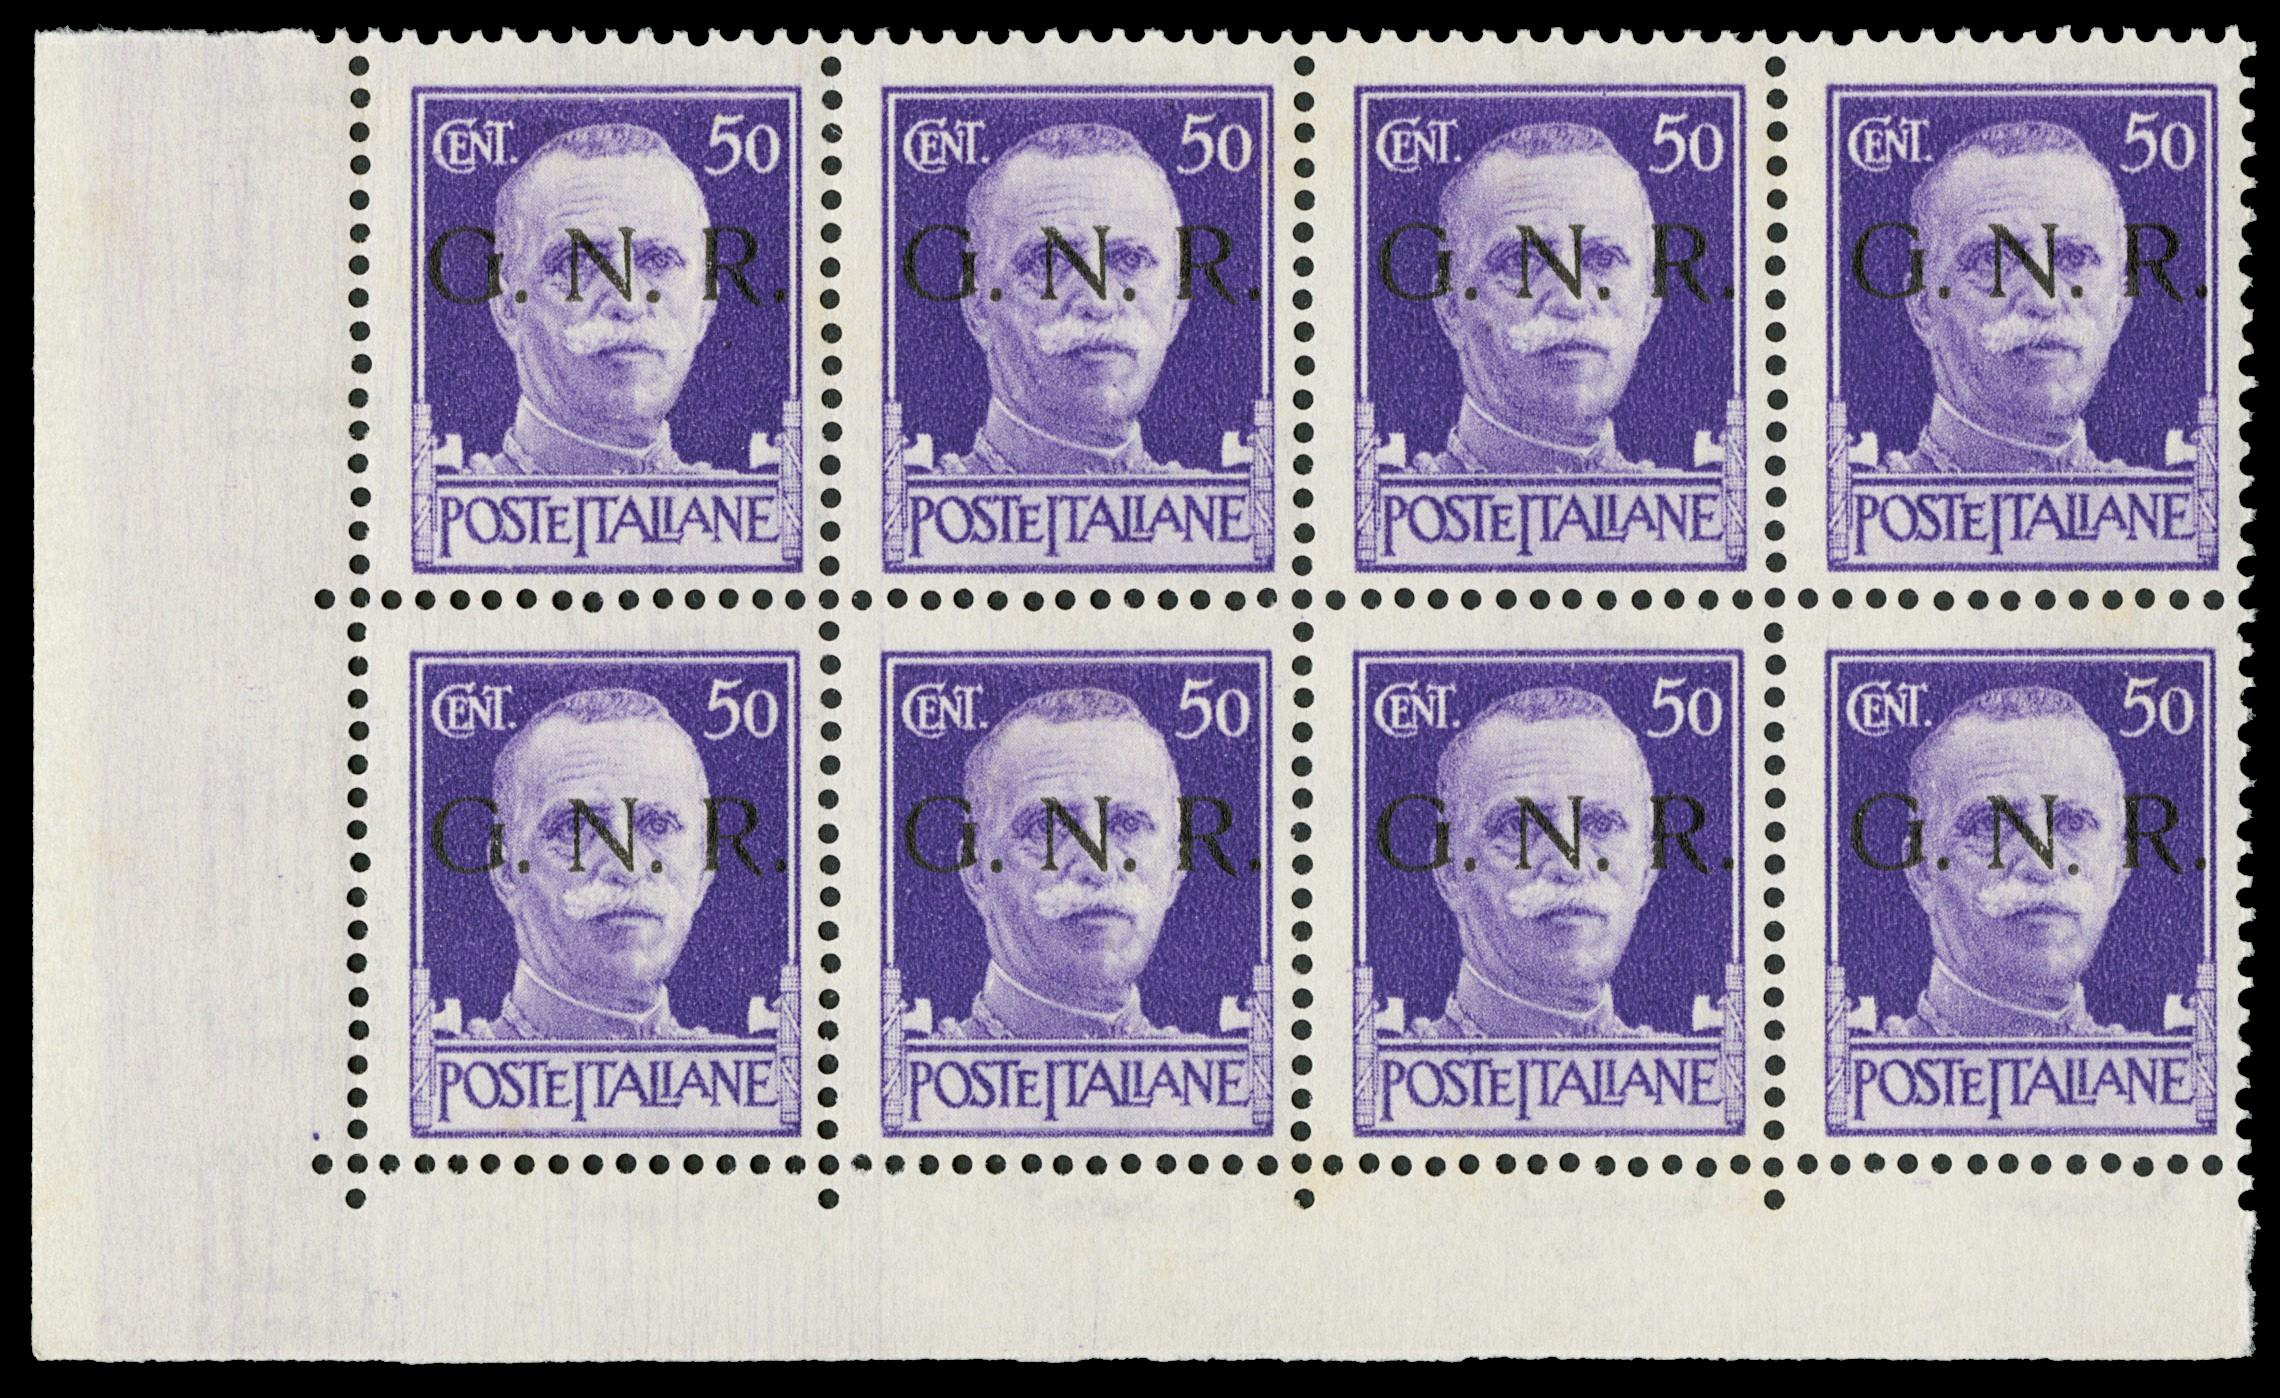 Lot 4065 - ITALIA RSI lotti e collezioni -  Zanaria Aste s.r.l. 9th Philatelic Auction